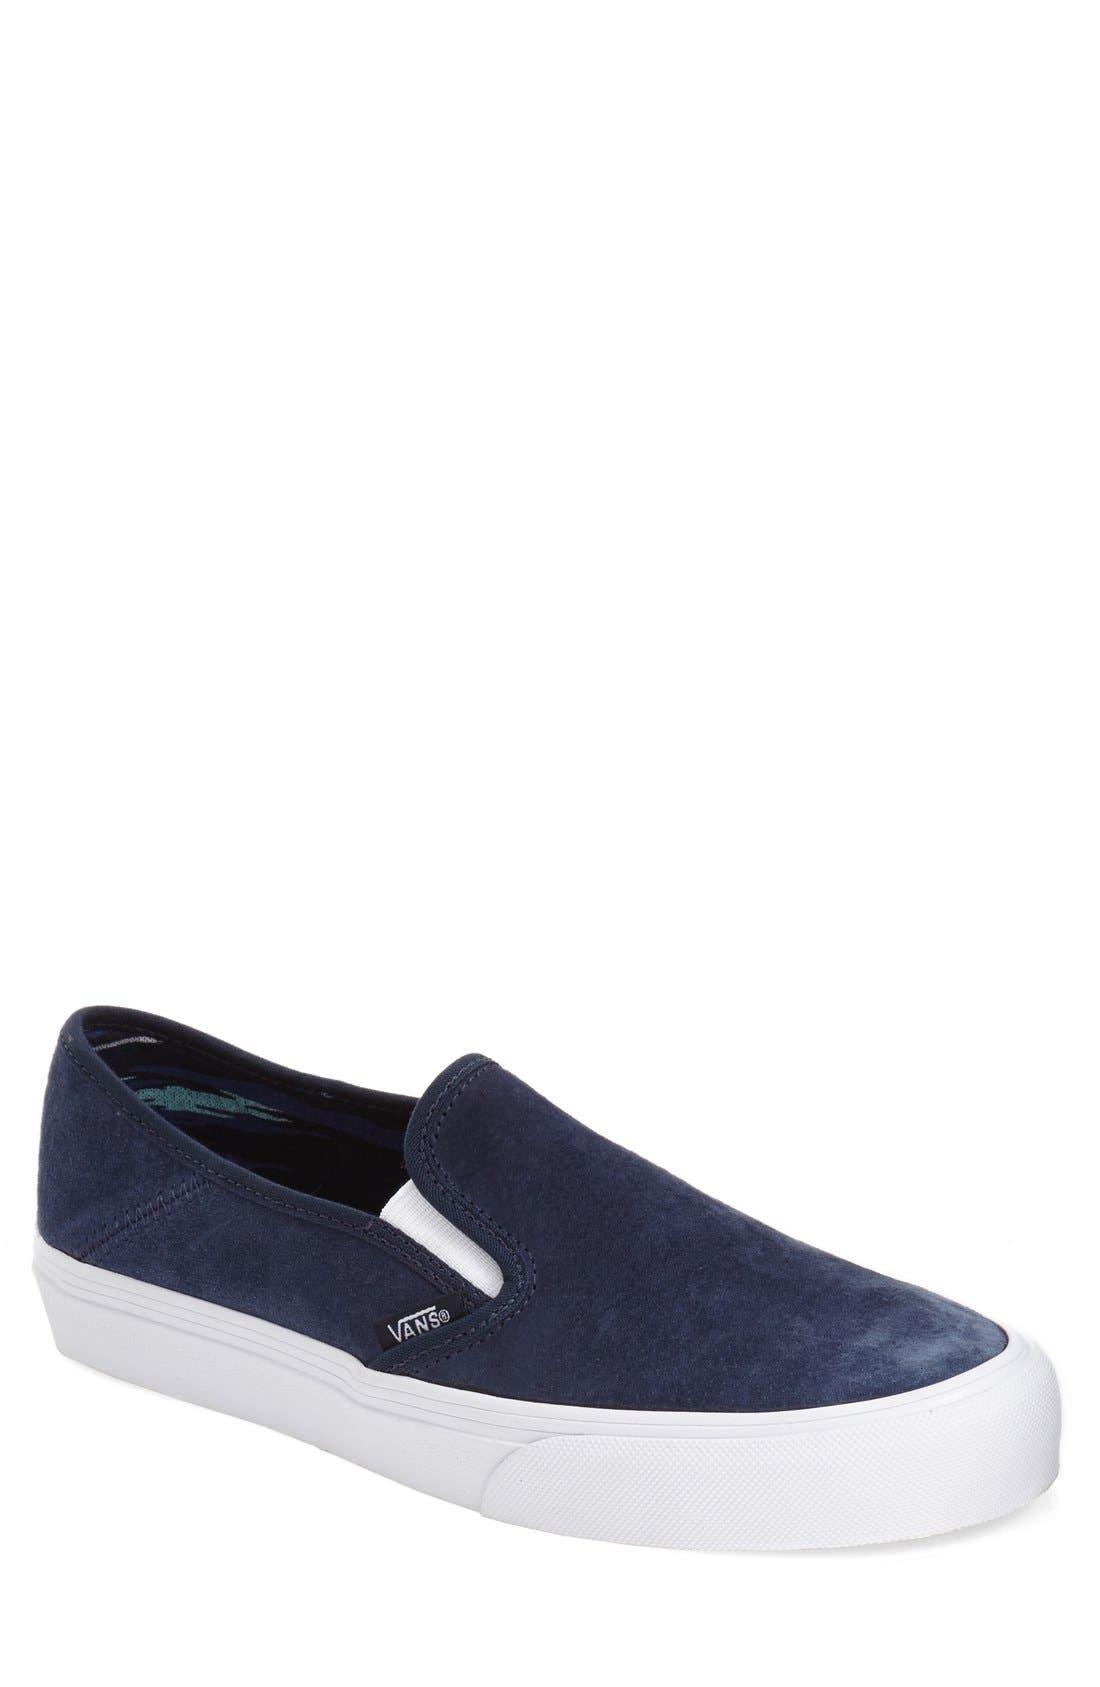 Alternate Image 1 Selected - Vans SF Slip-On Sneaker (Women)